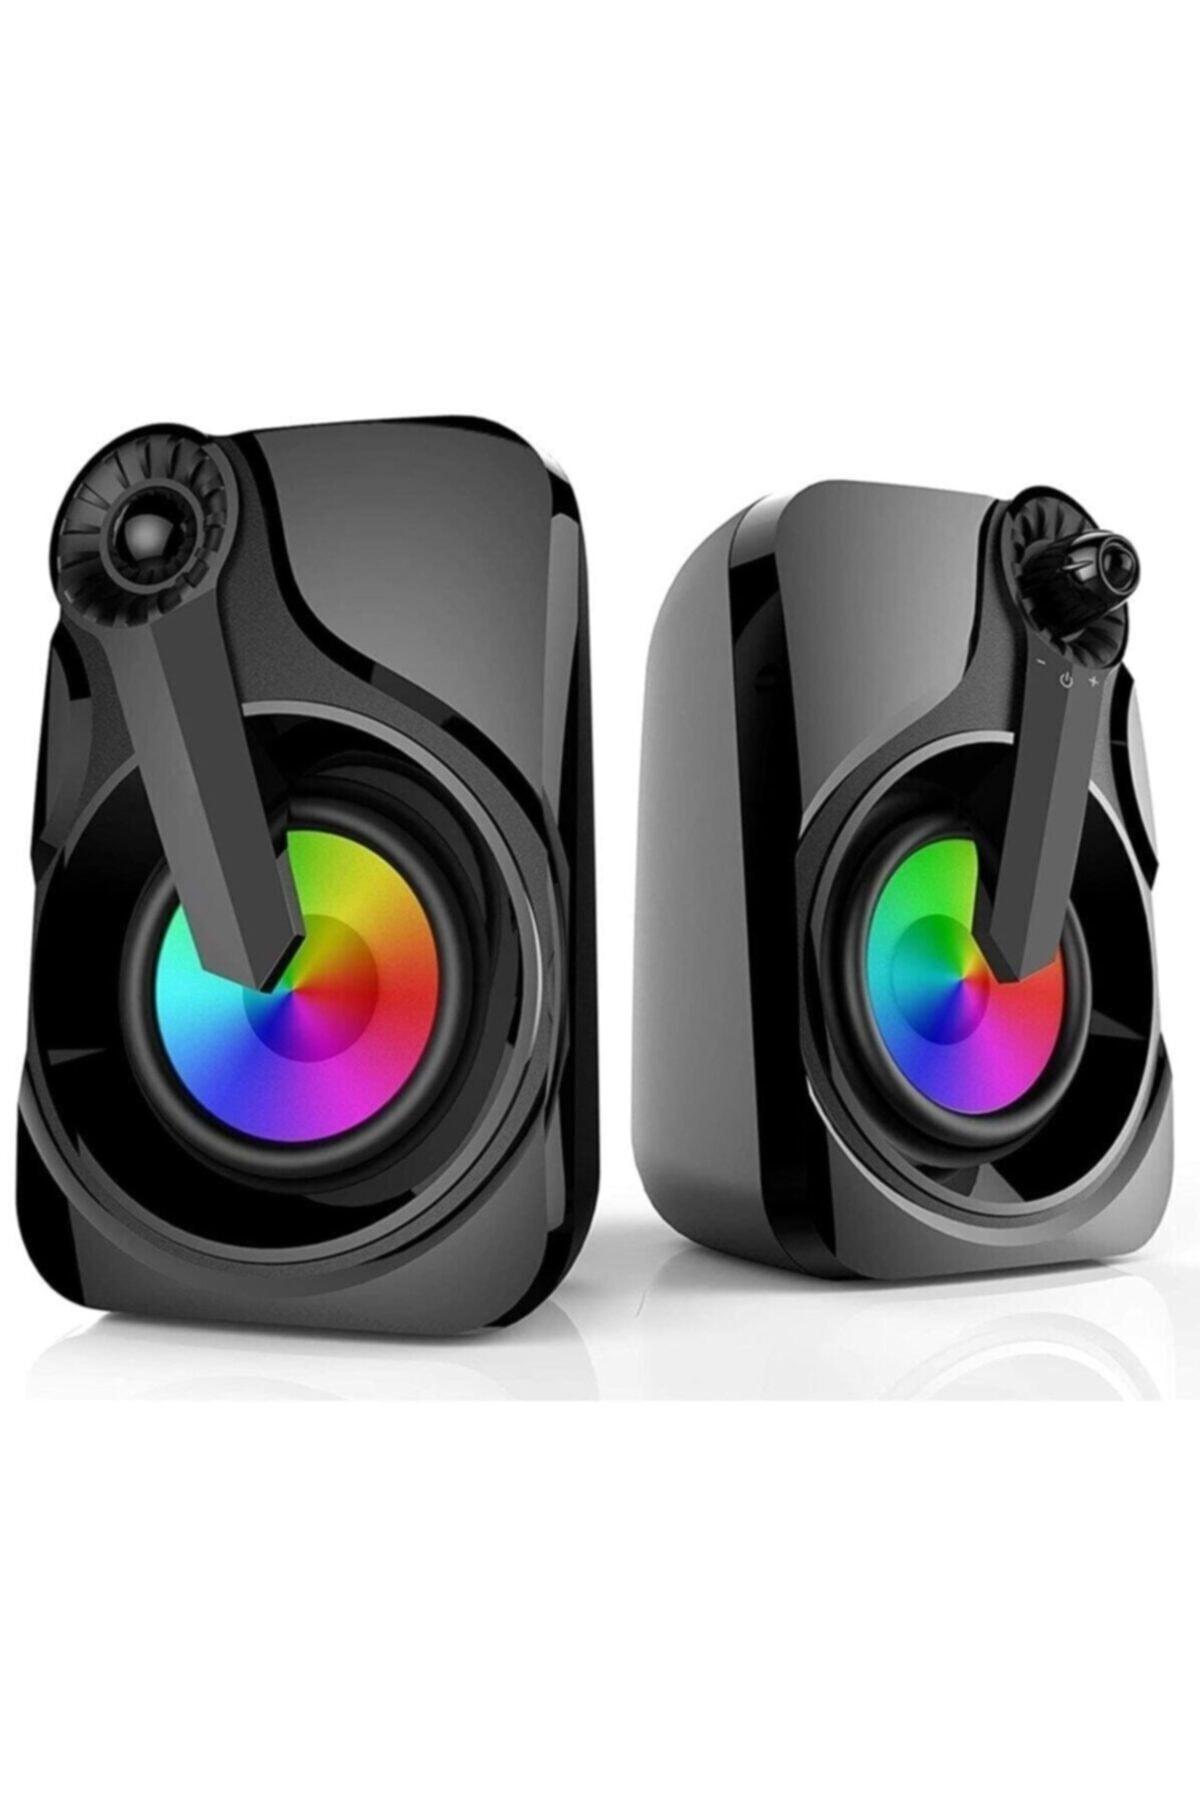 Renkli Led Işıklı Rgb Usb Bilgisayar Hoparlör Md-x27 Siyah